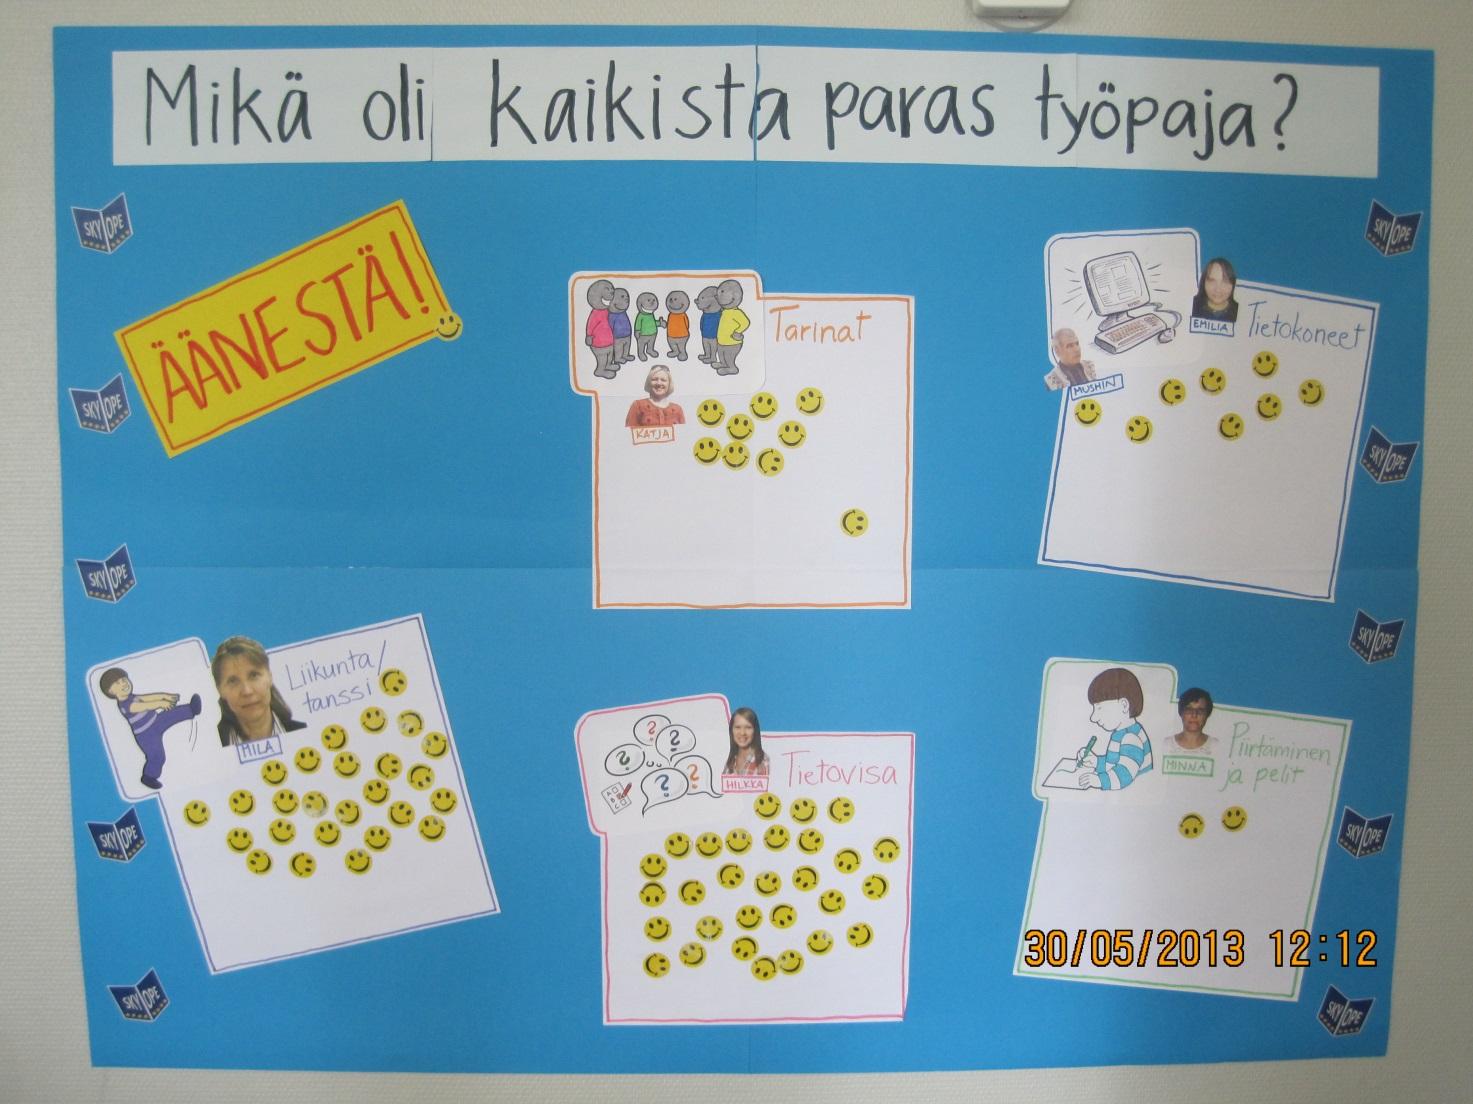 Opiskelijat äänestivät parhaaksi työpajaksi Tietovisan